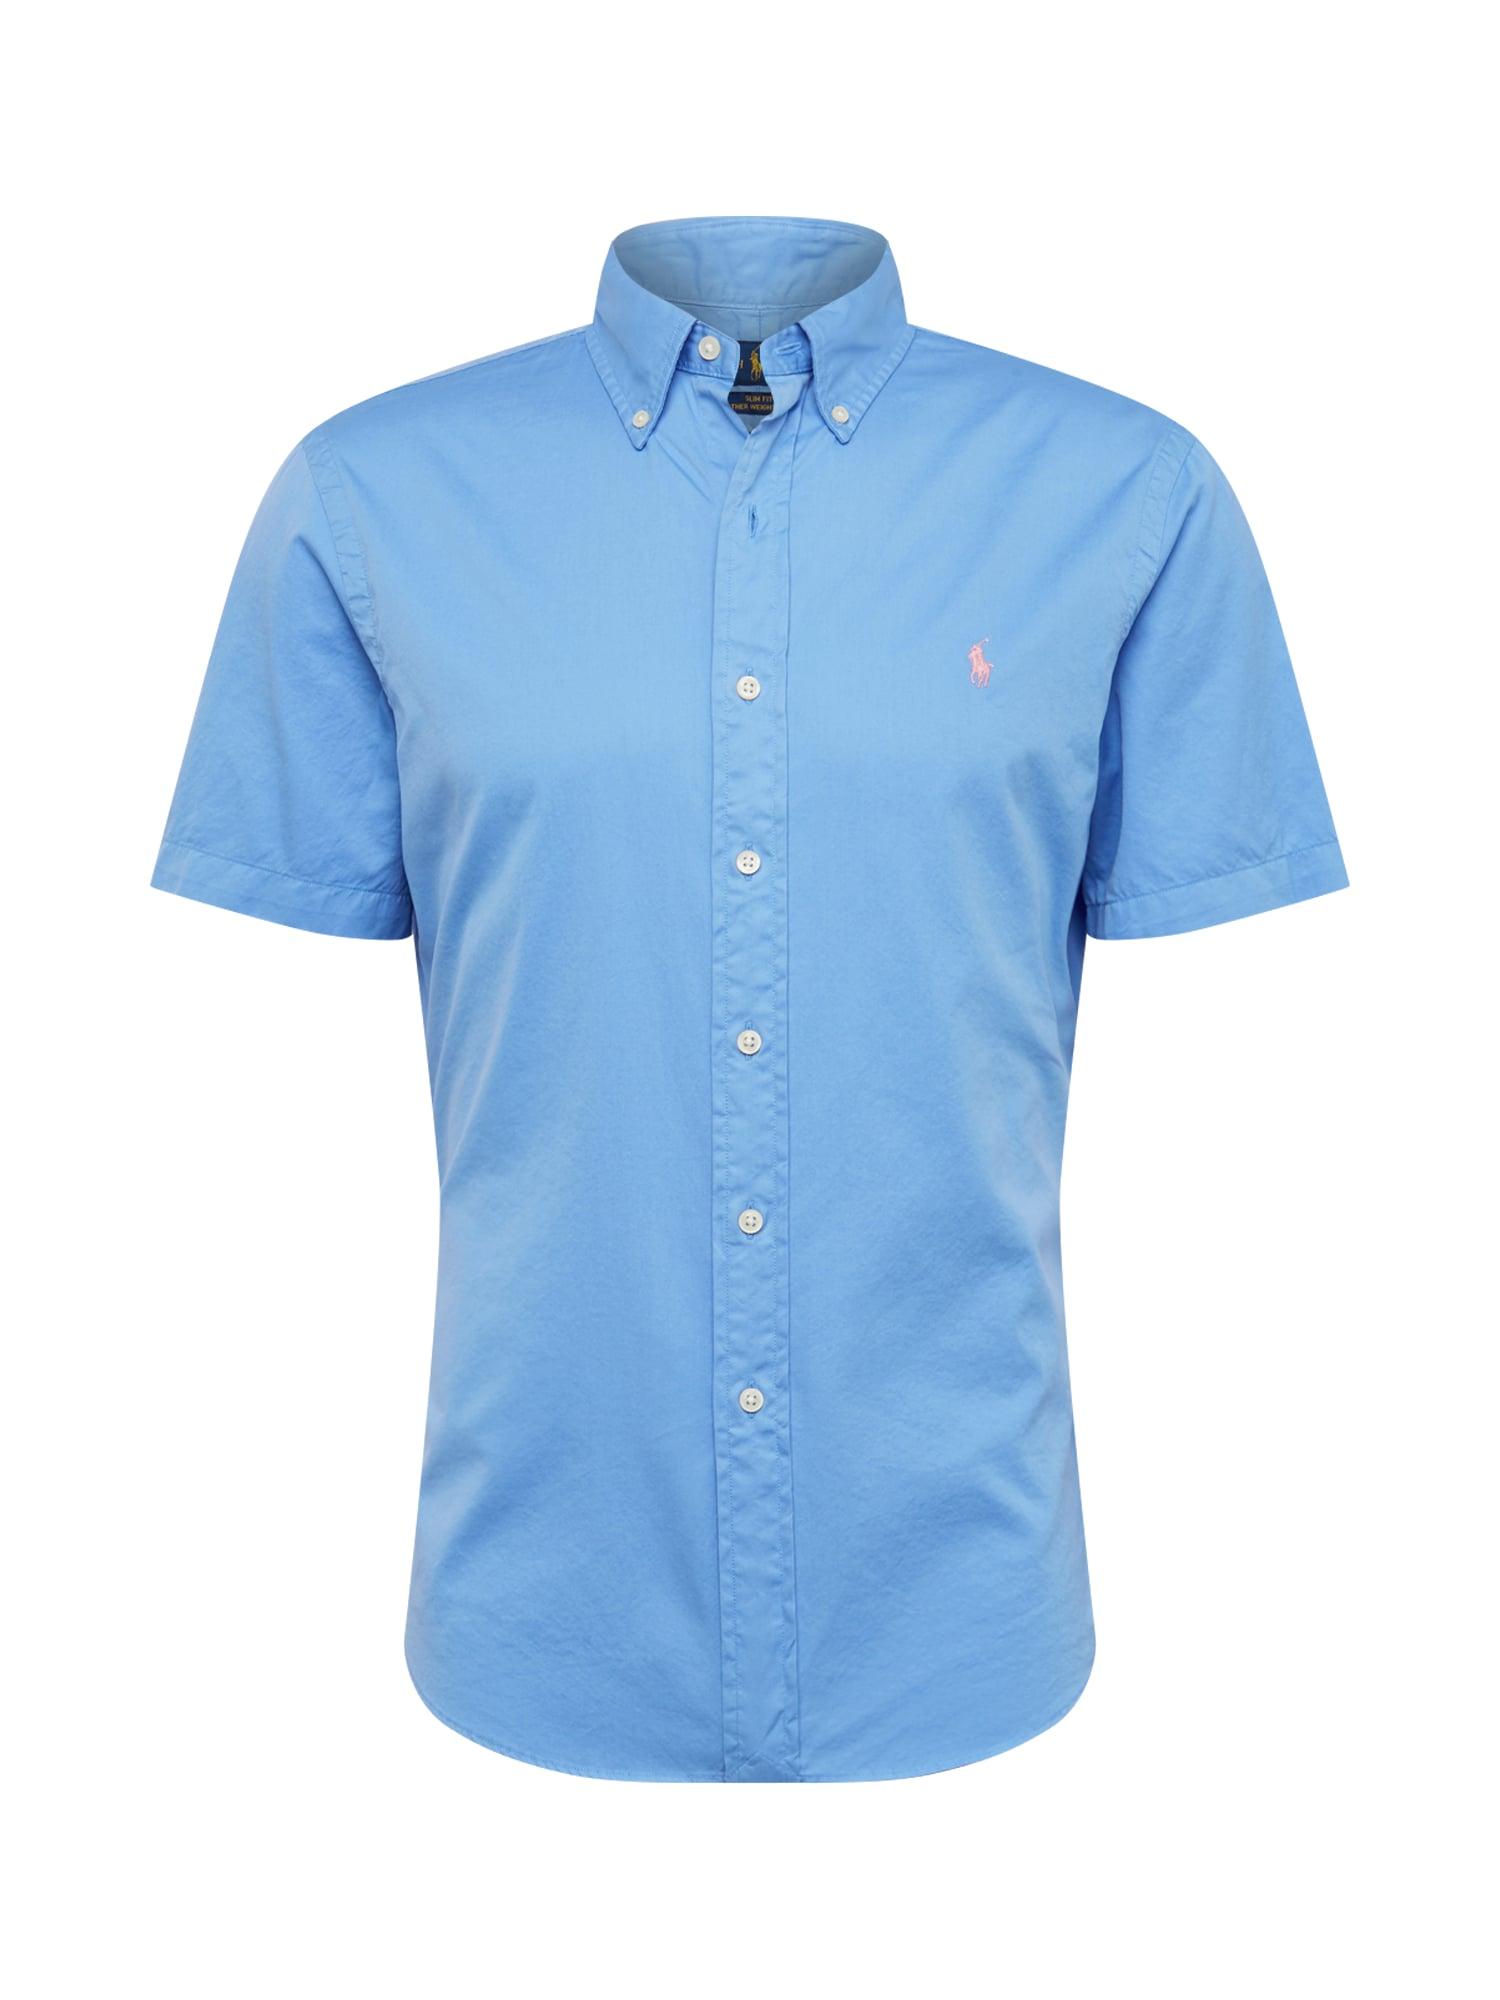 Košile SLBDPPCSSSP-SHORT SLEEVE-SPORT SHIRT modrá POLO RALPH LAUREN